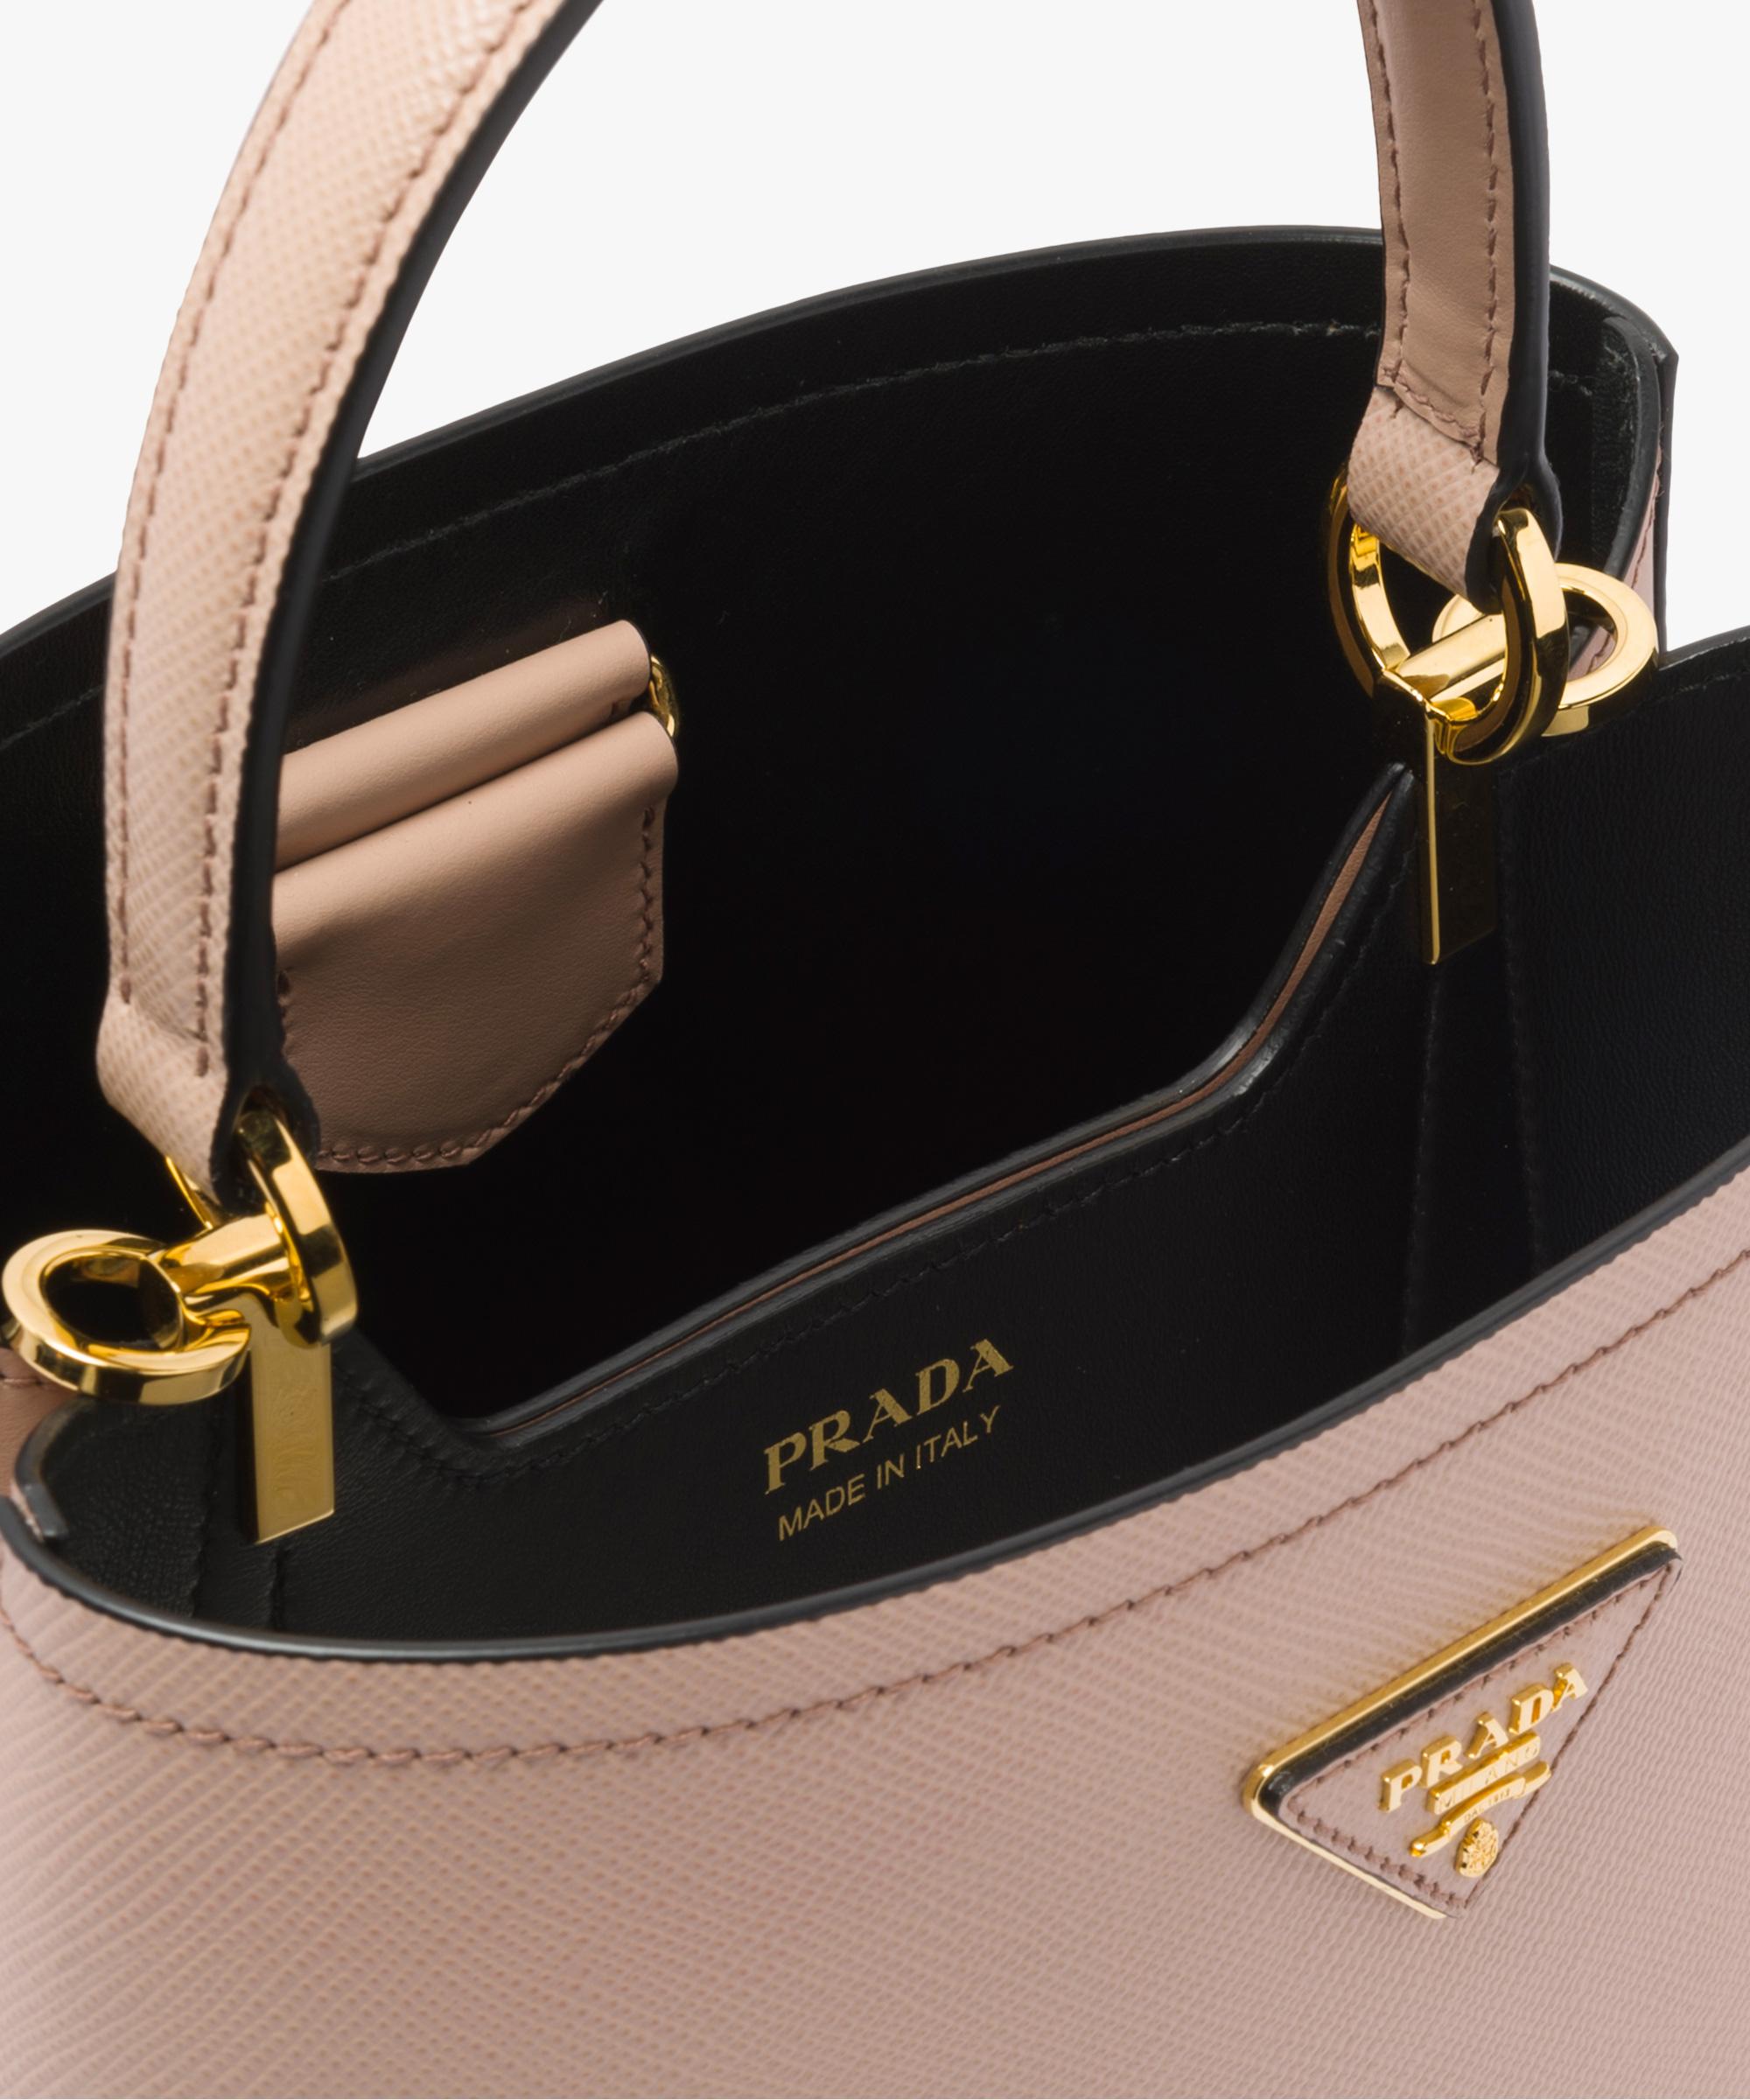 97364298a5e6a7 Prada Panier Medium bag Prada POWDER PINK/BLACK ...